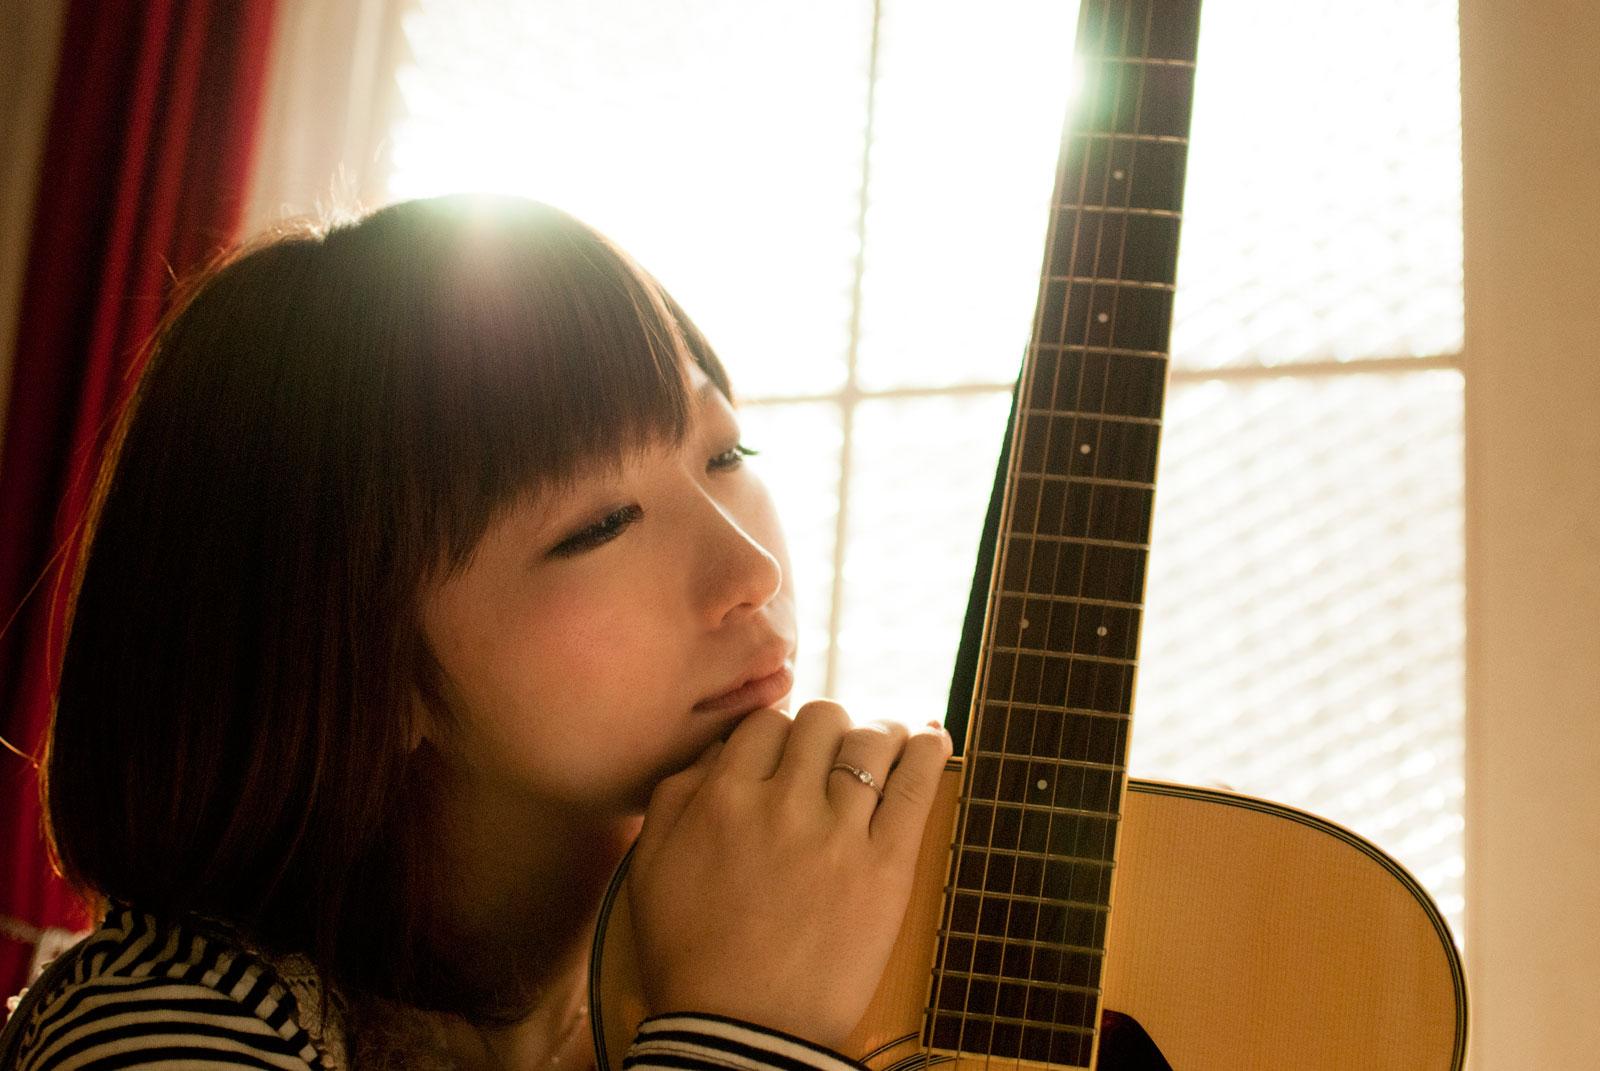 女性とギター